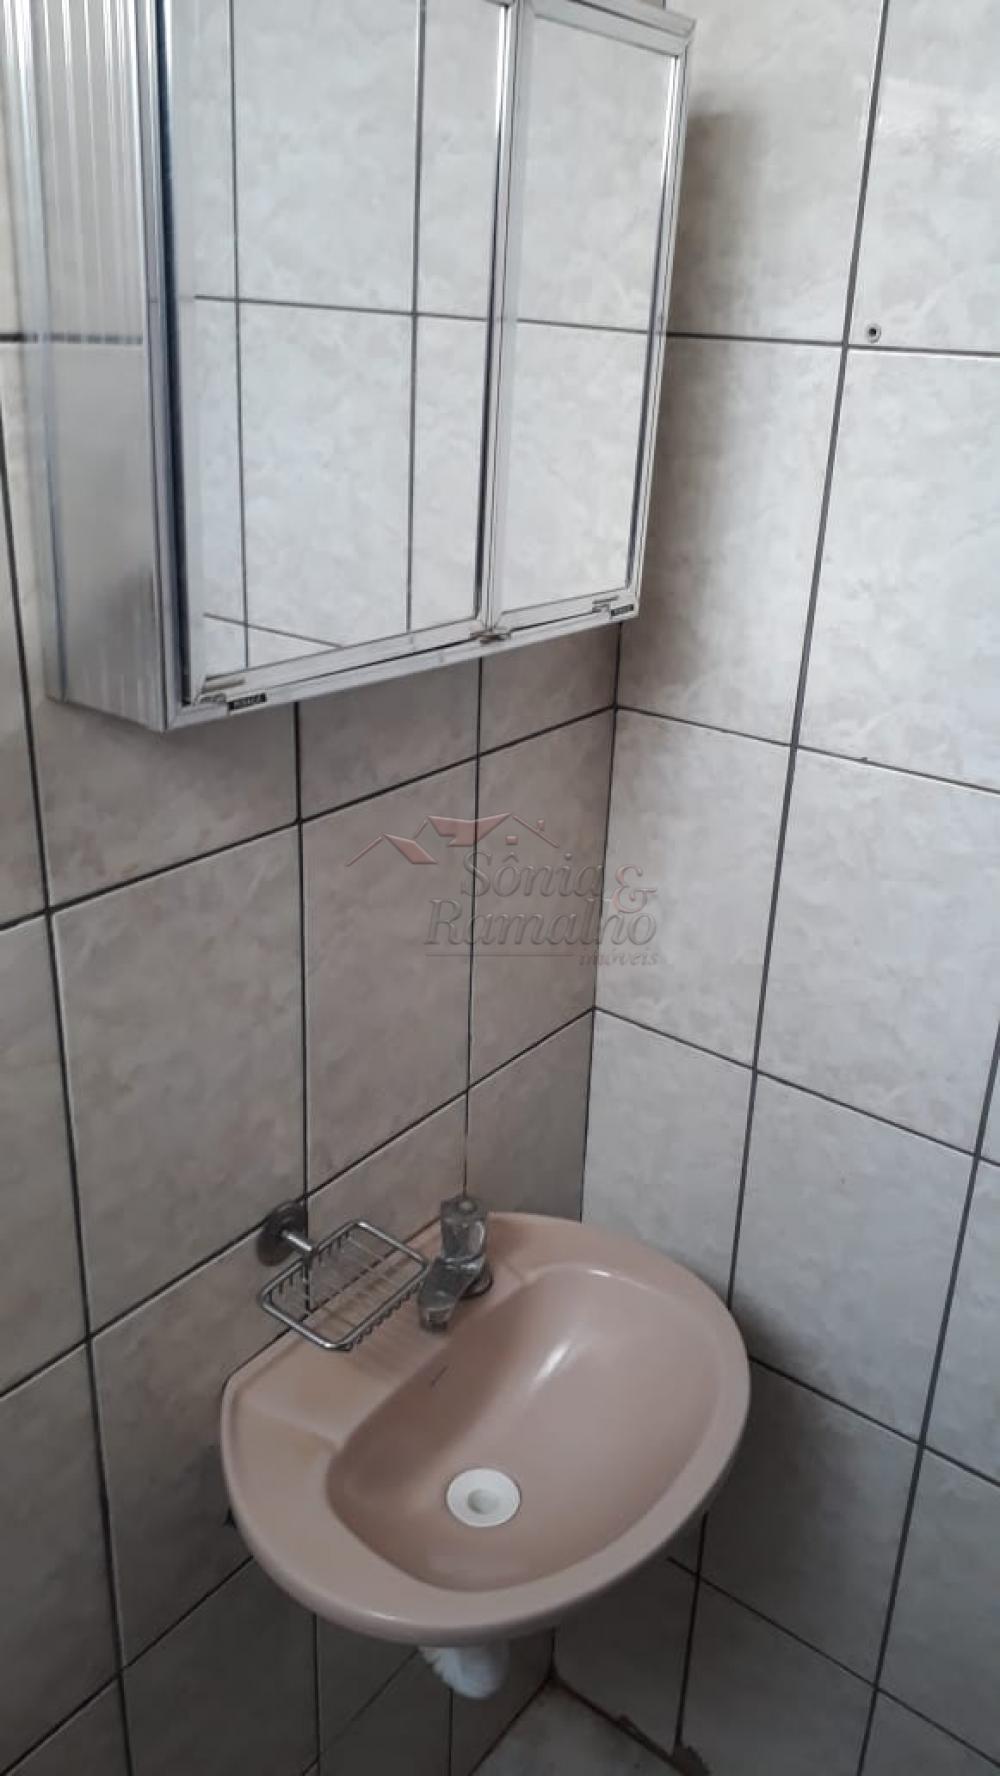 Alugar Comercial / Sala em Ribeirão Preto apenas R$ 850,00 - Foto 10